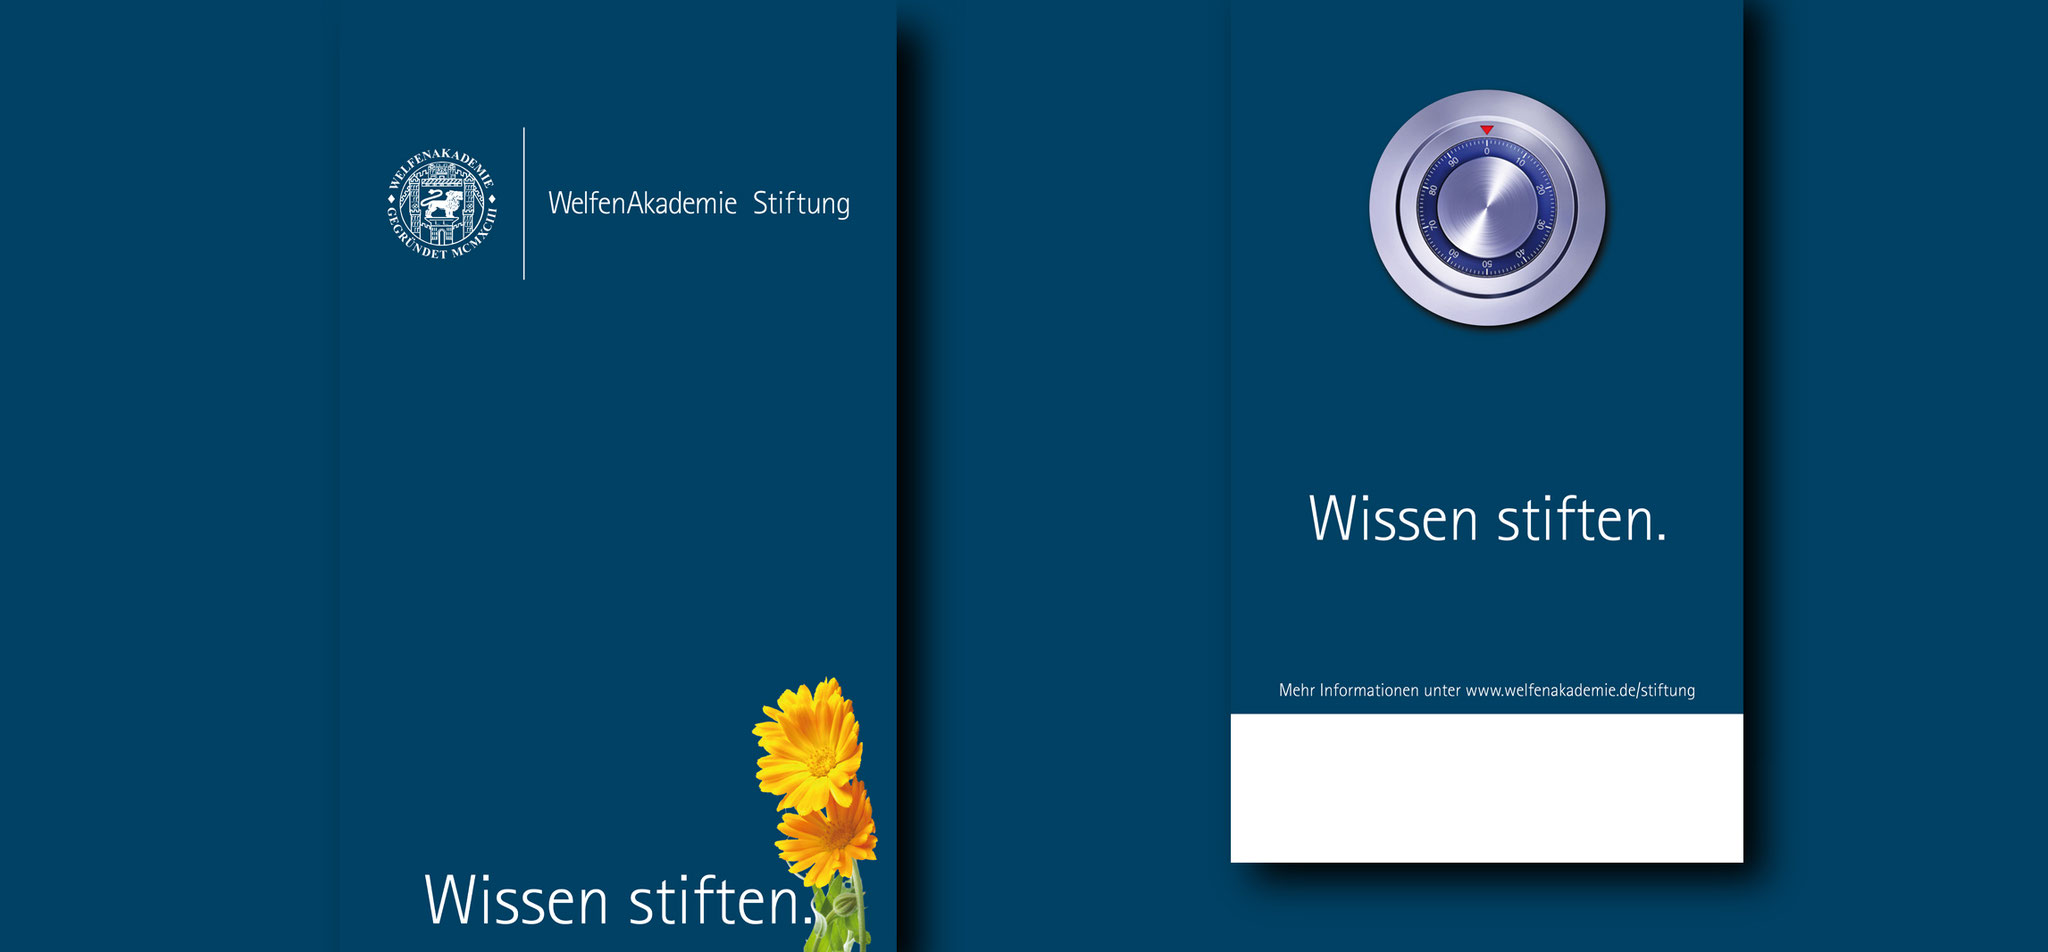 WELFENAKADEMIE STIFTUNG | corporate design – infragrau, gute gestaltung